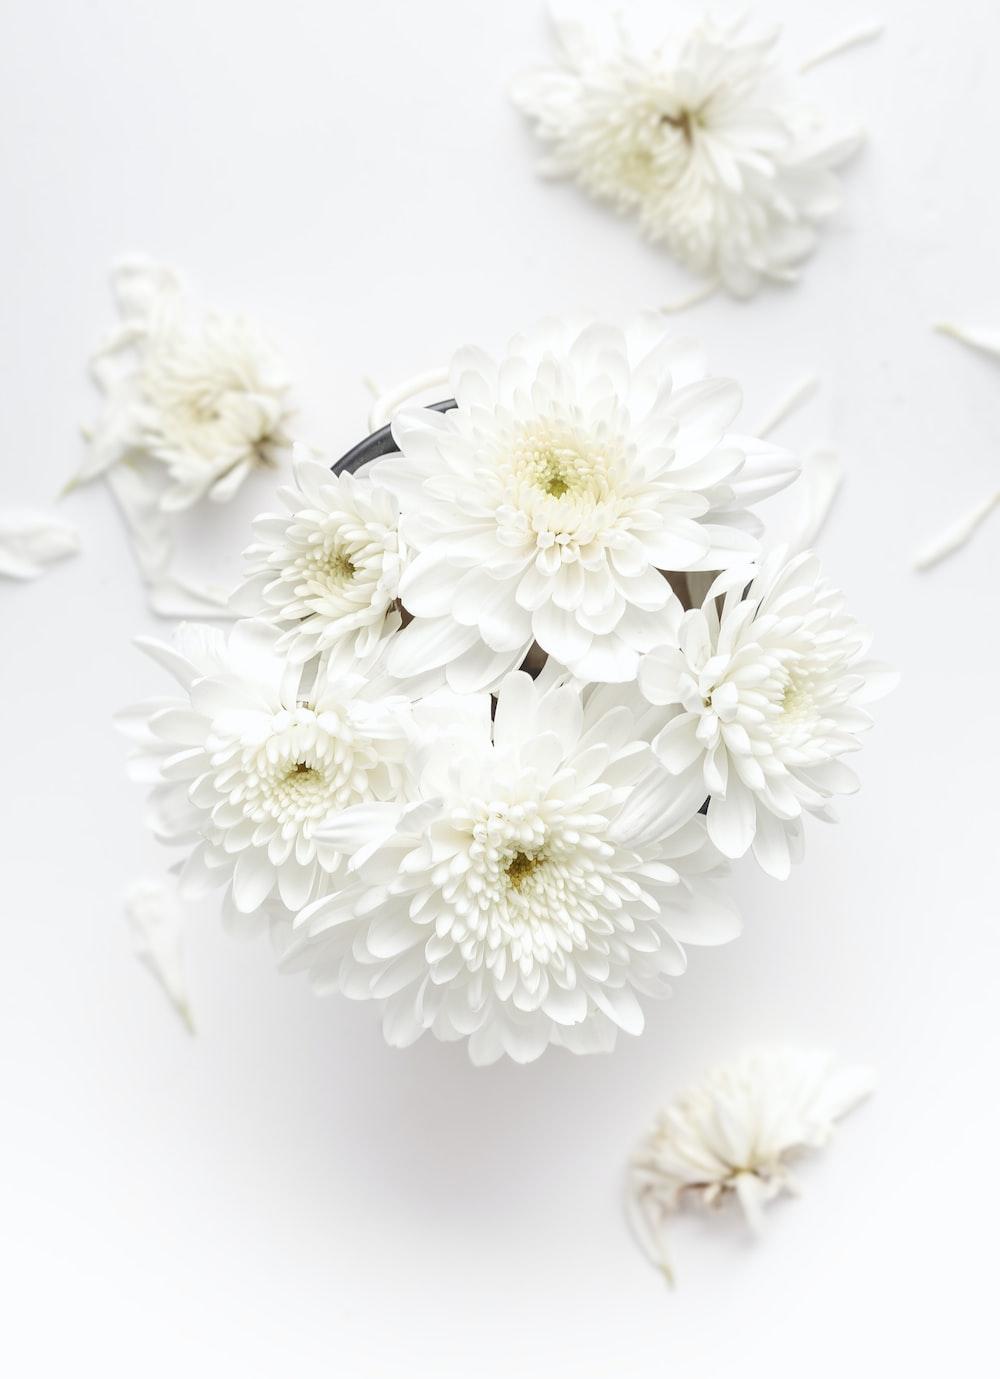 white petaled flower on white background